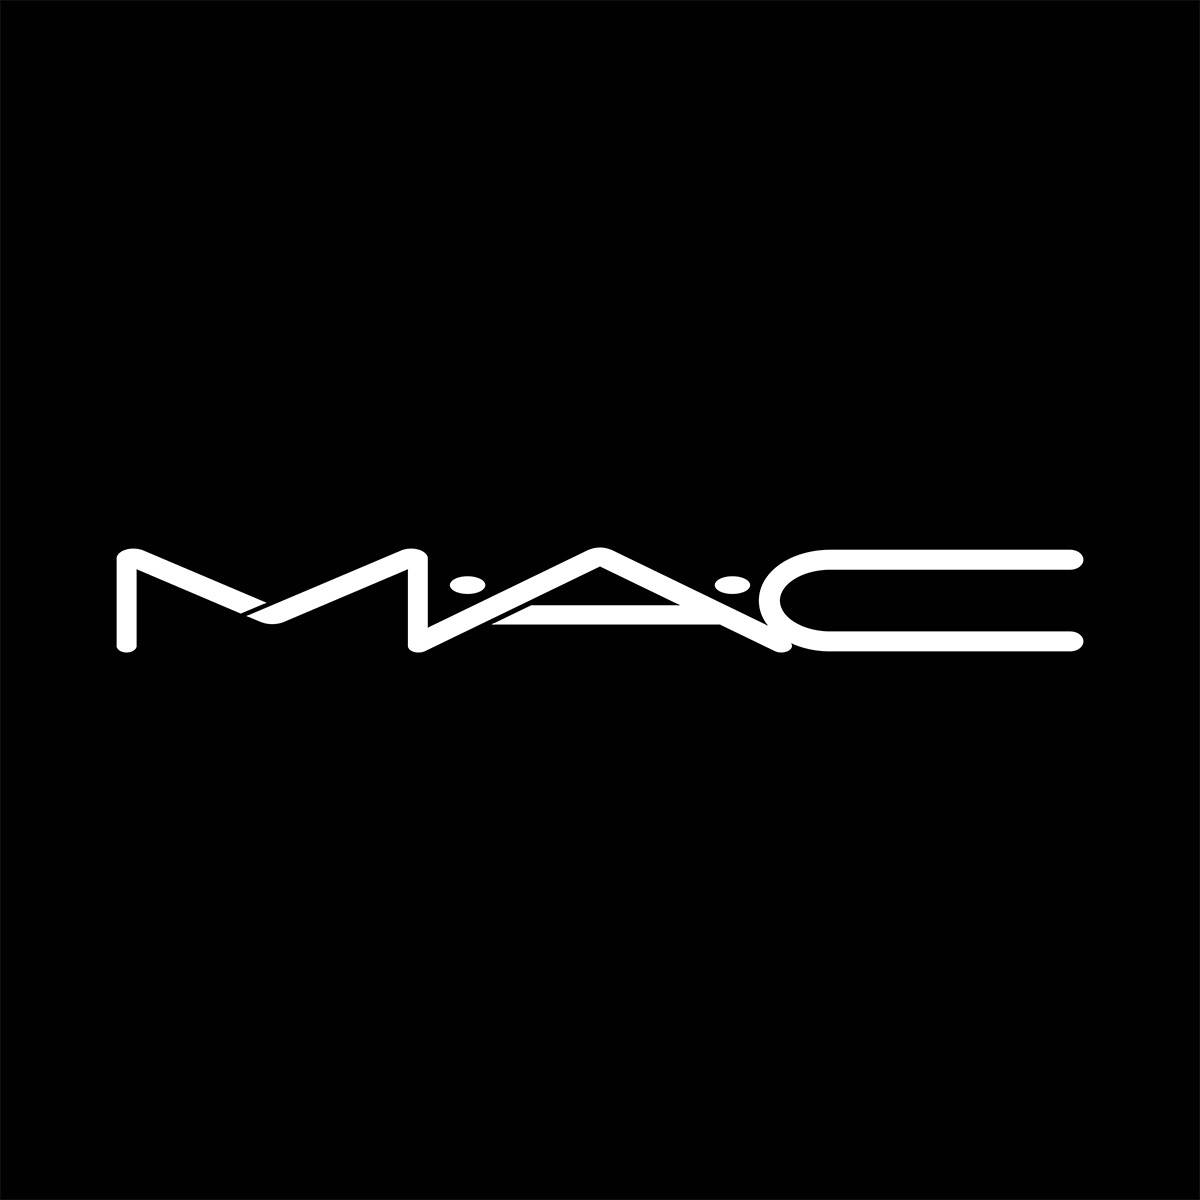 [Review] Son MAC Marrakesh màu gì? Có đẹp không?